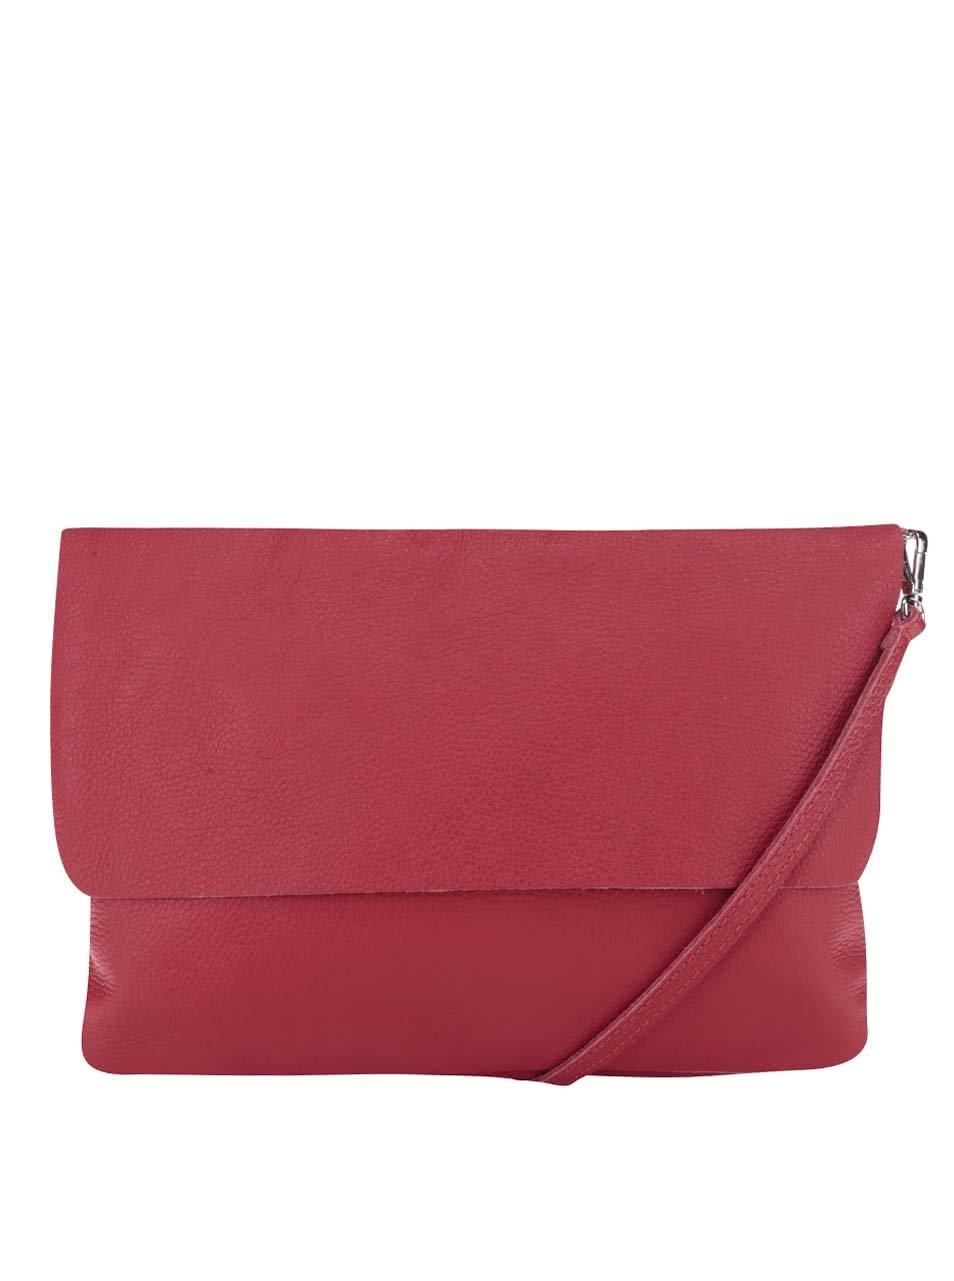 Červená kožená crossbody kabelka/psaníčko ZOOT